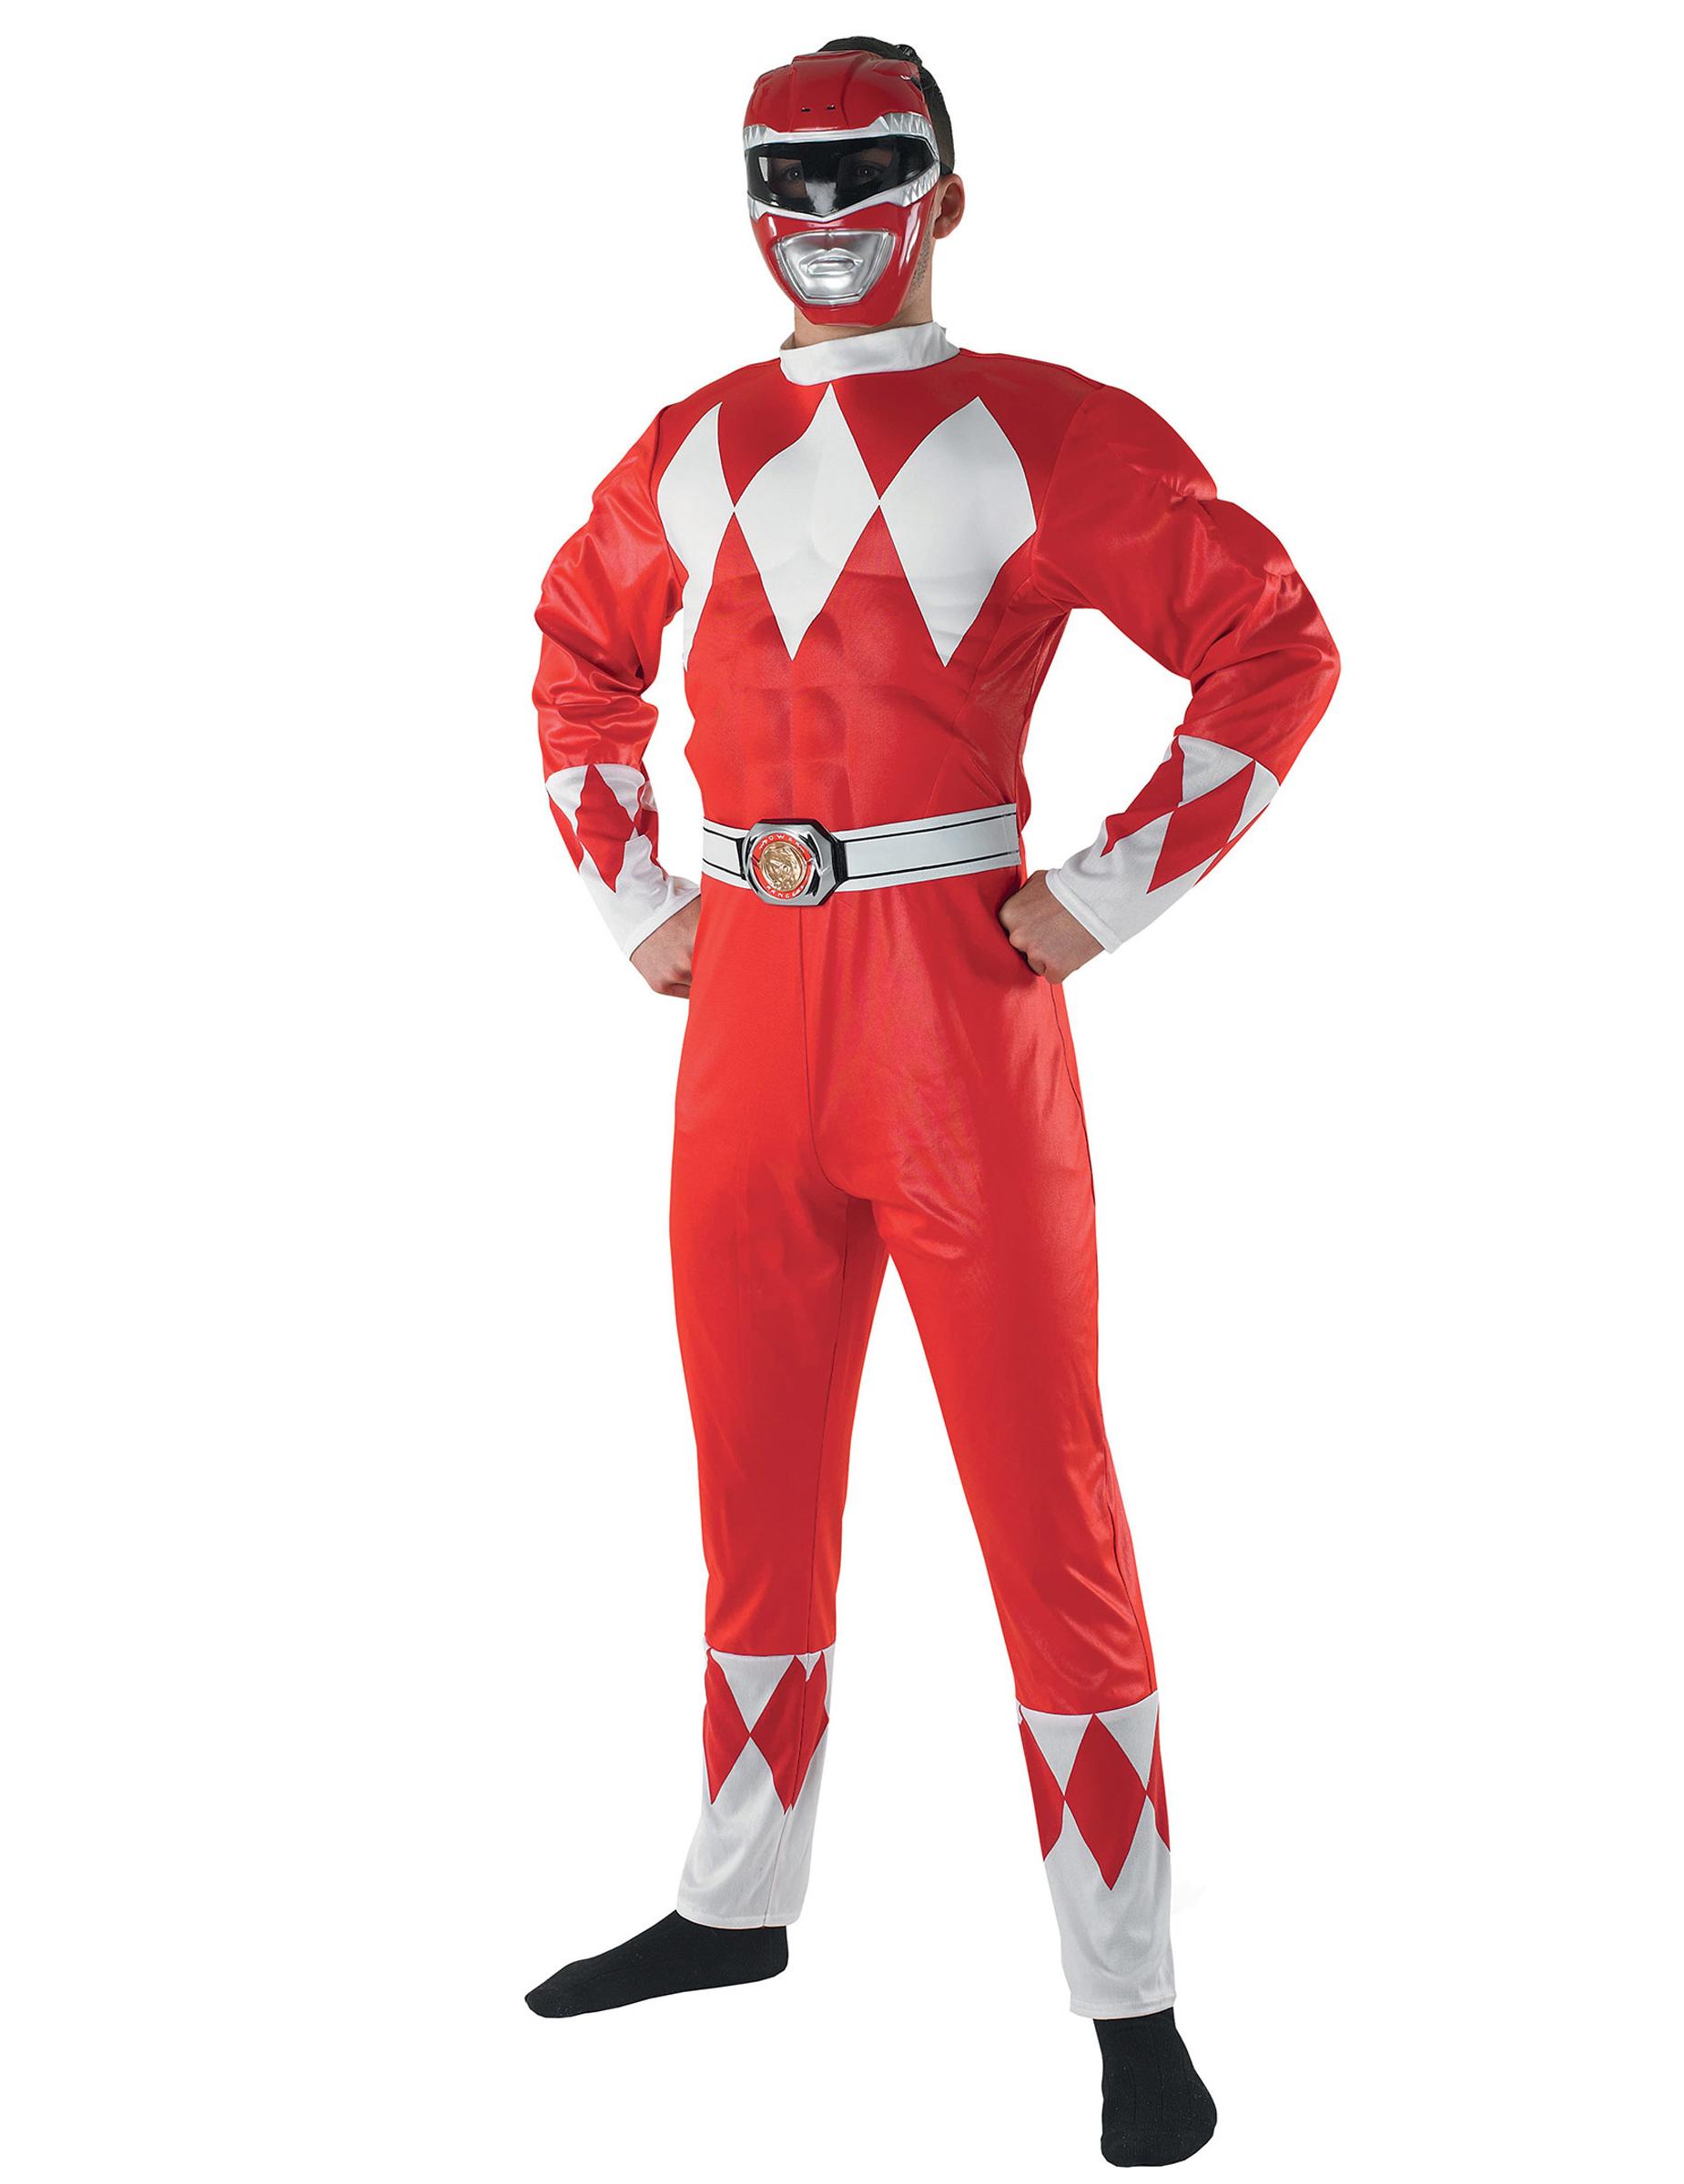 D guisement power rangers rouge adulte deguise toi - Masque de power rangers ...